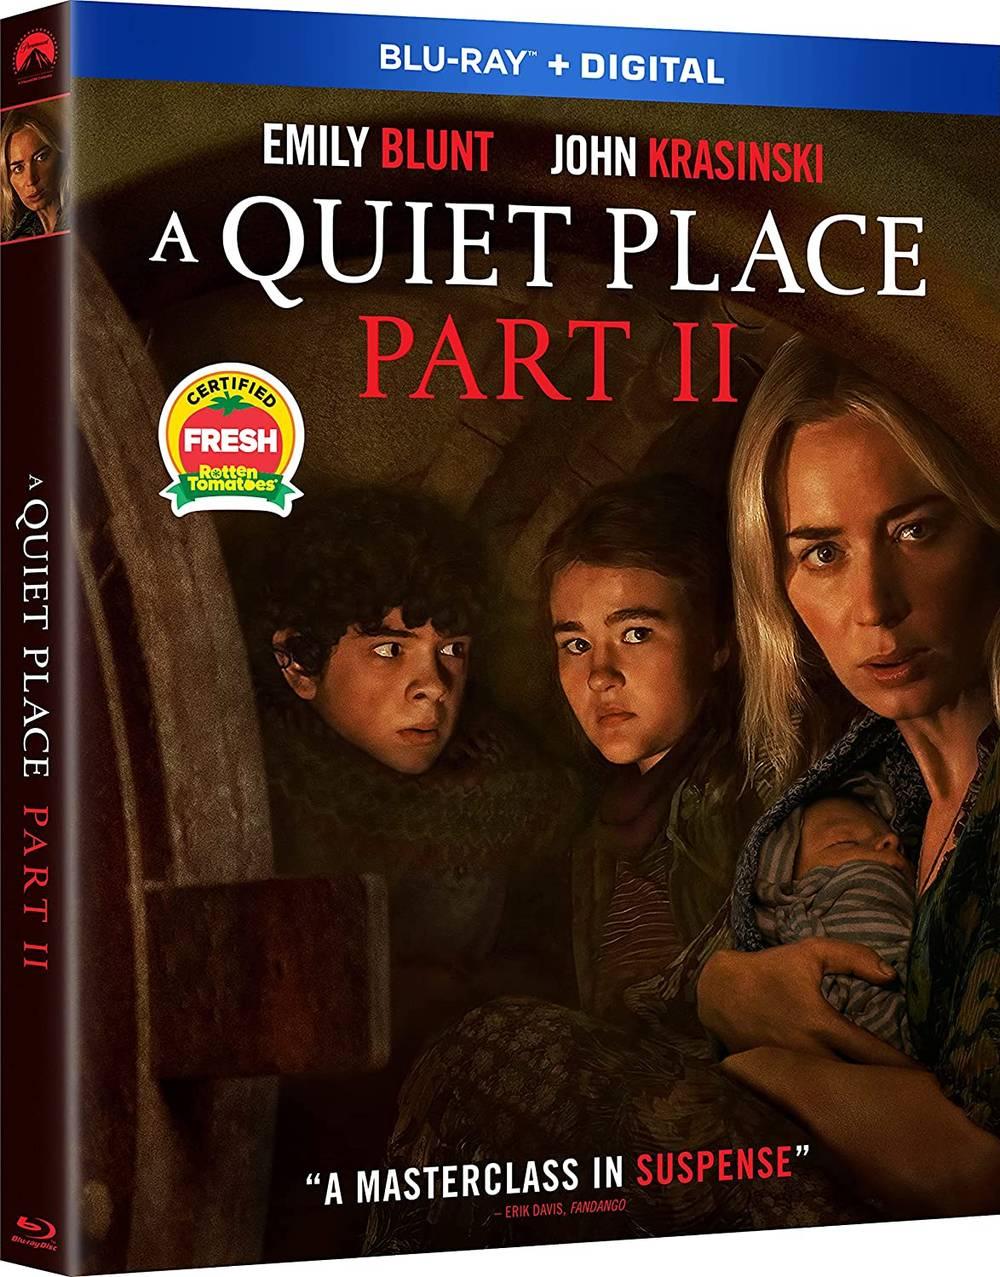 A Quiet Place [Movie] - A Quiet Place Part II